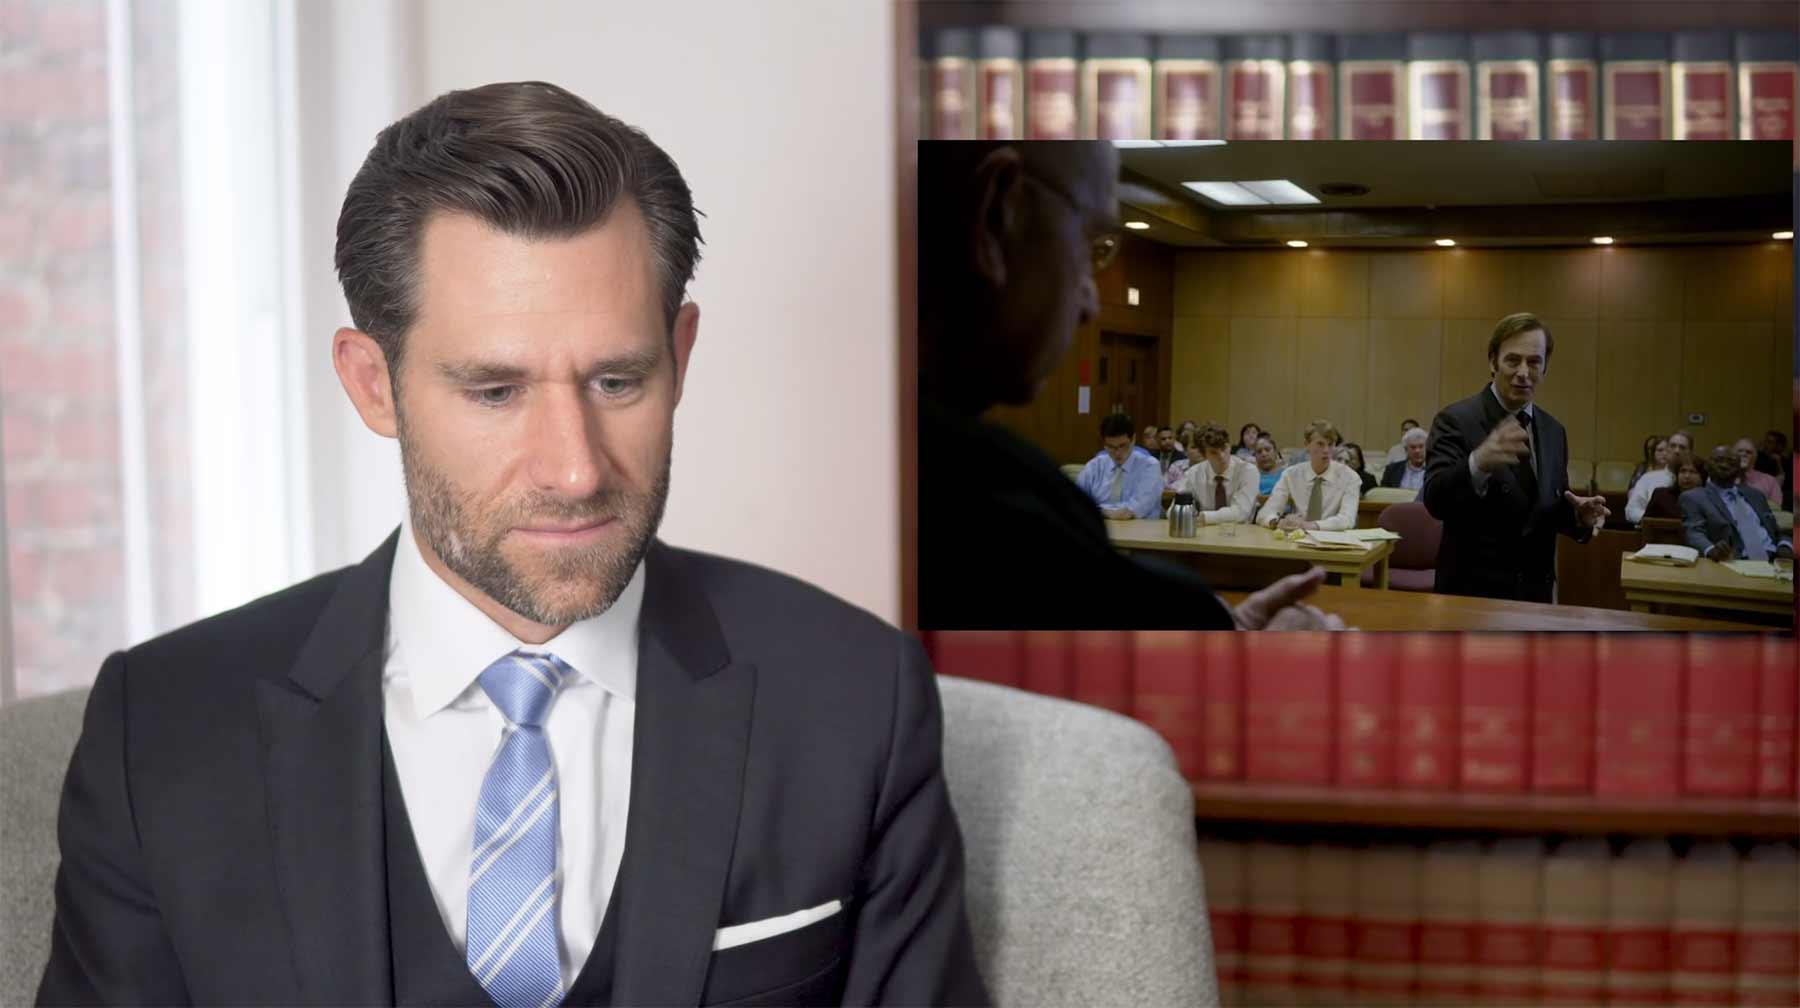 anwalt-schaut-better-call-saul Die Meinung eines echten Anwaltes zu Better Call Saul